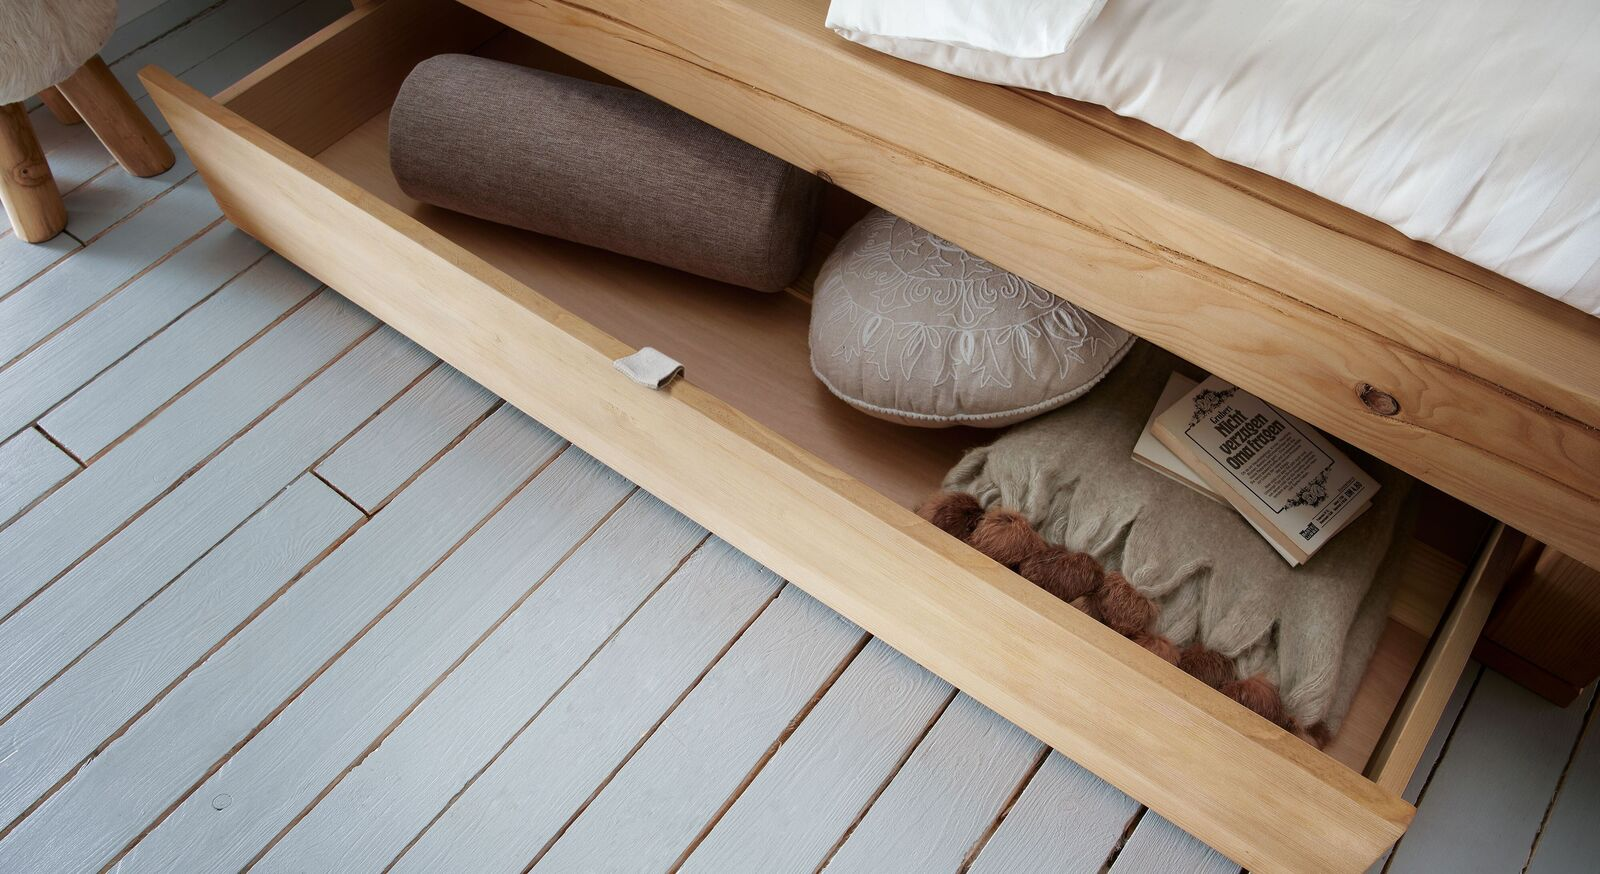 Schubkastenbett Barup mit praktischem Schubfach